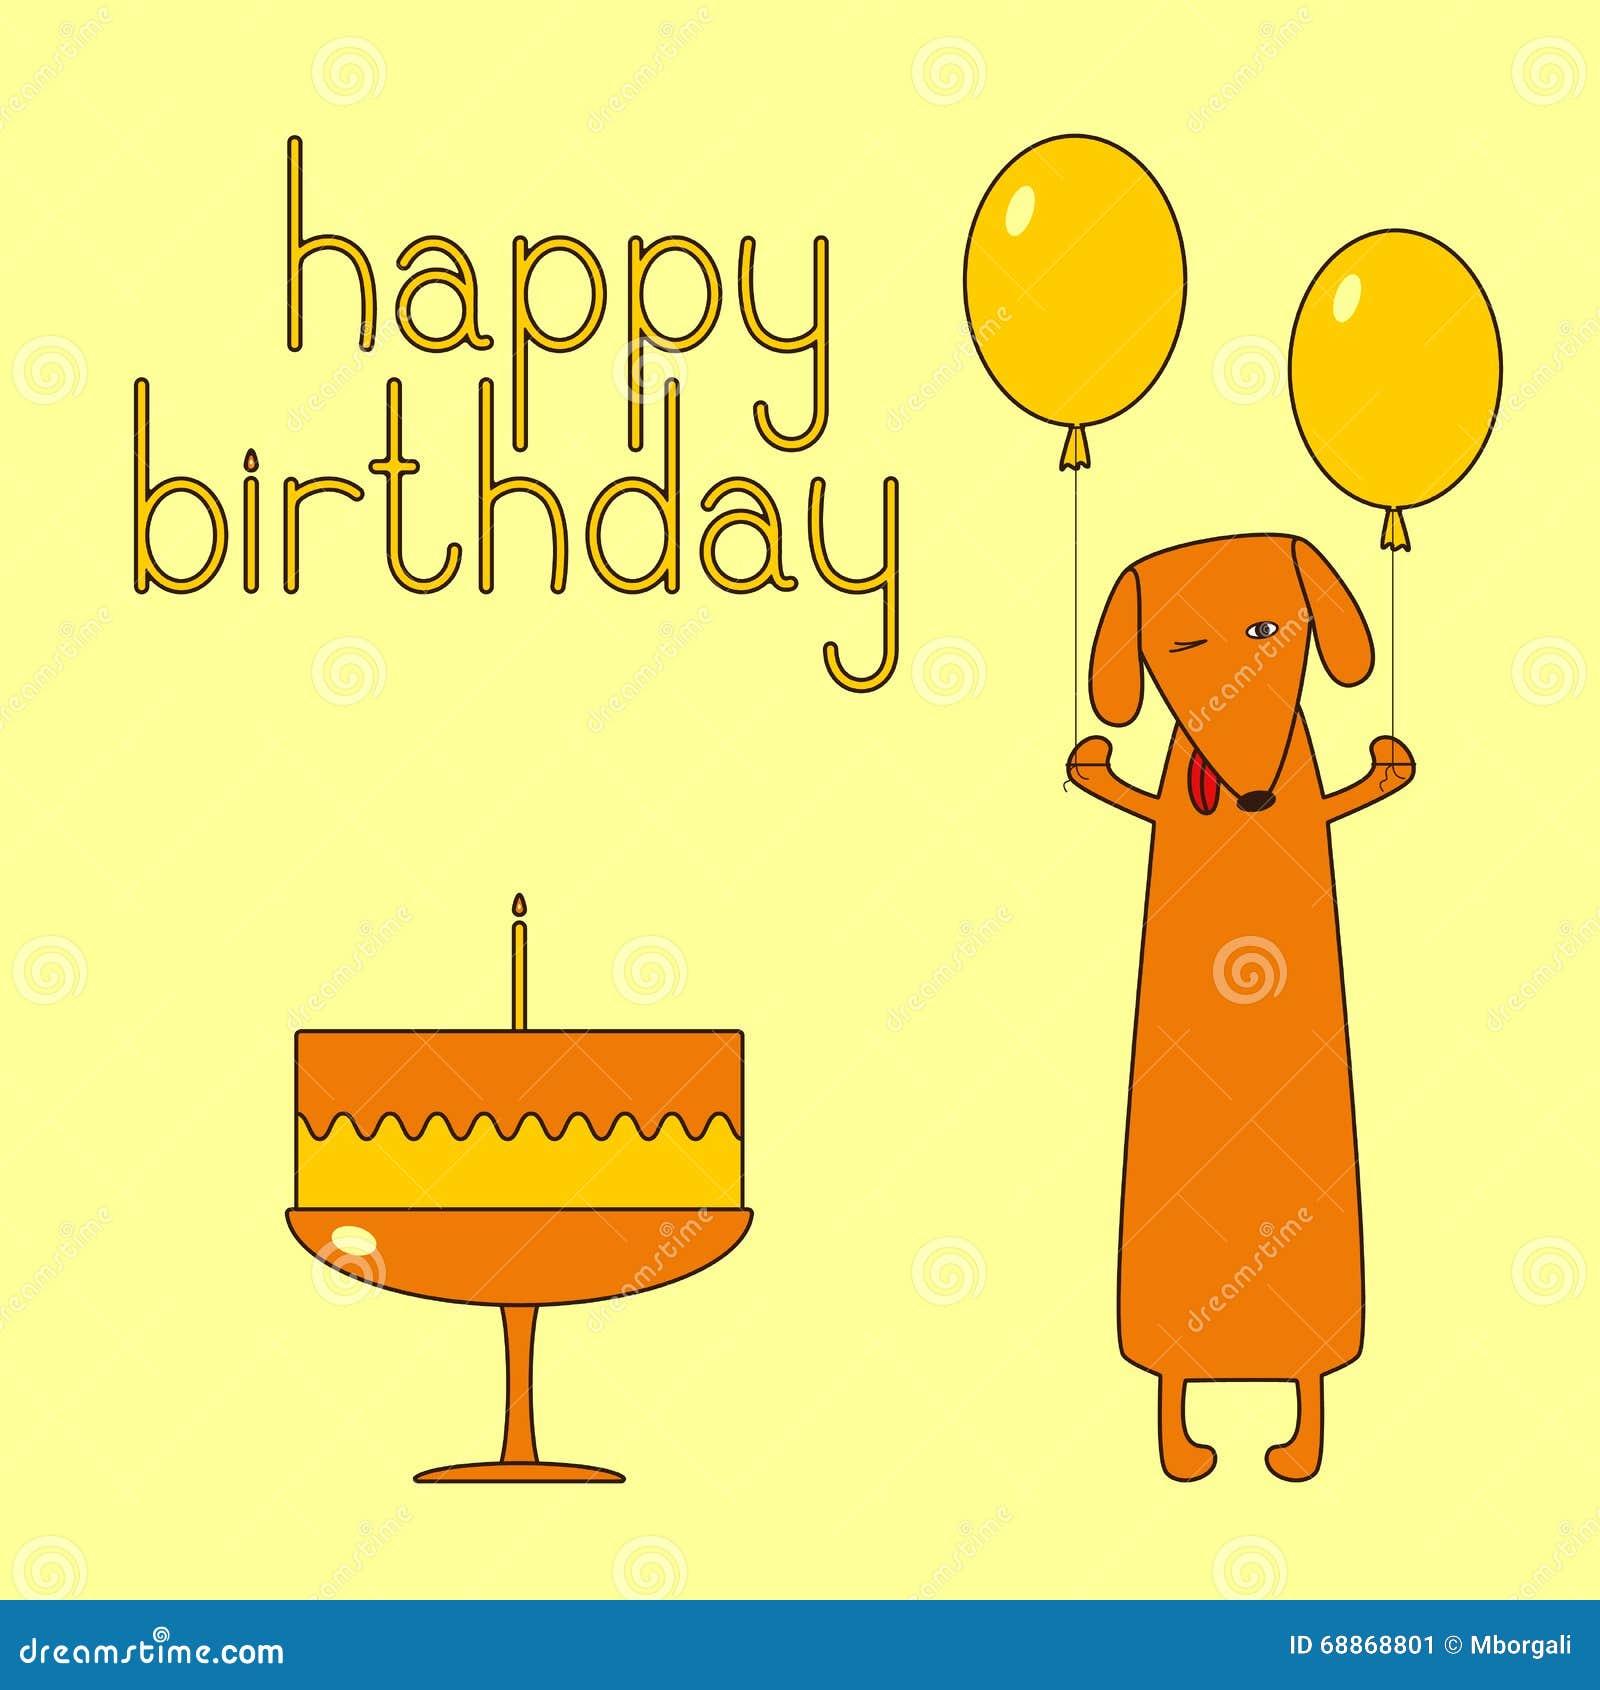 Happy Birthday Greeting Card With Dachshund Vector Image – Funny Happy Birthday Greeting Cards